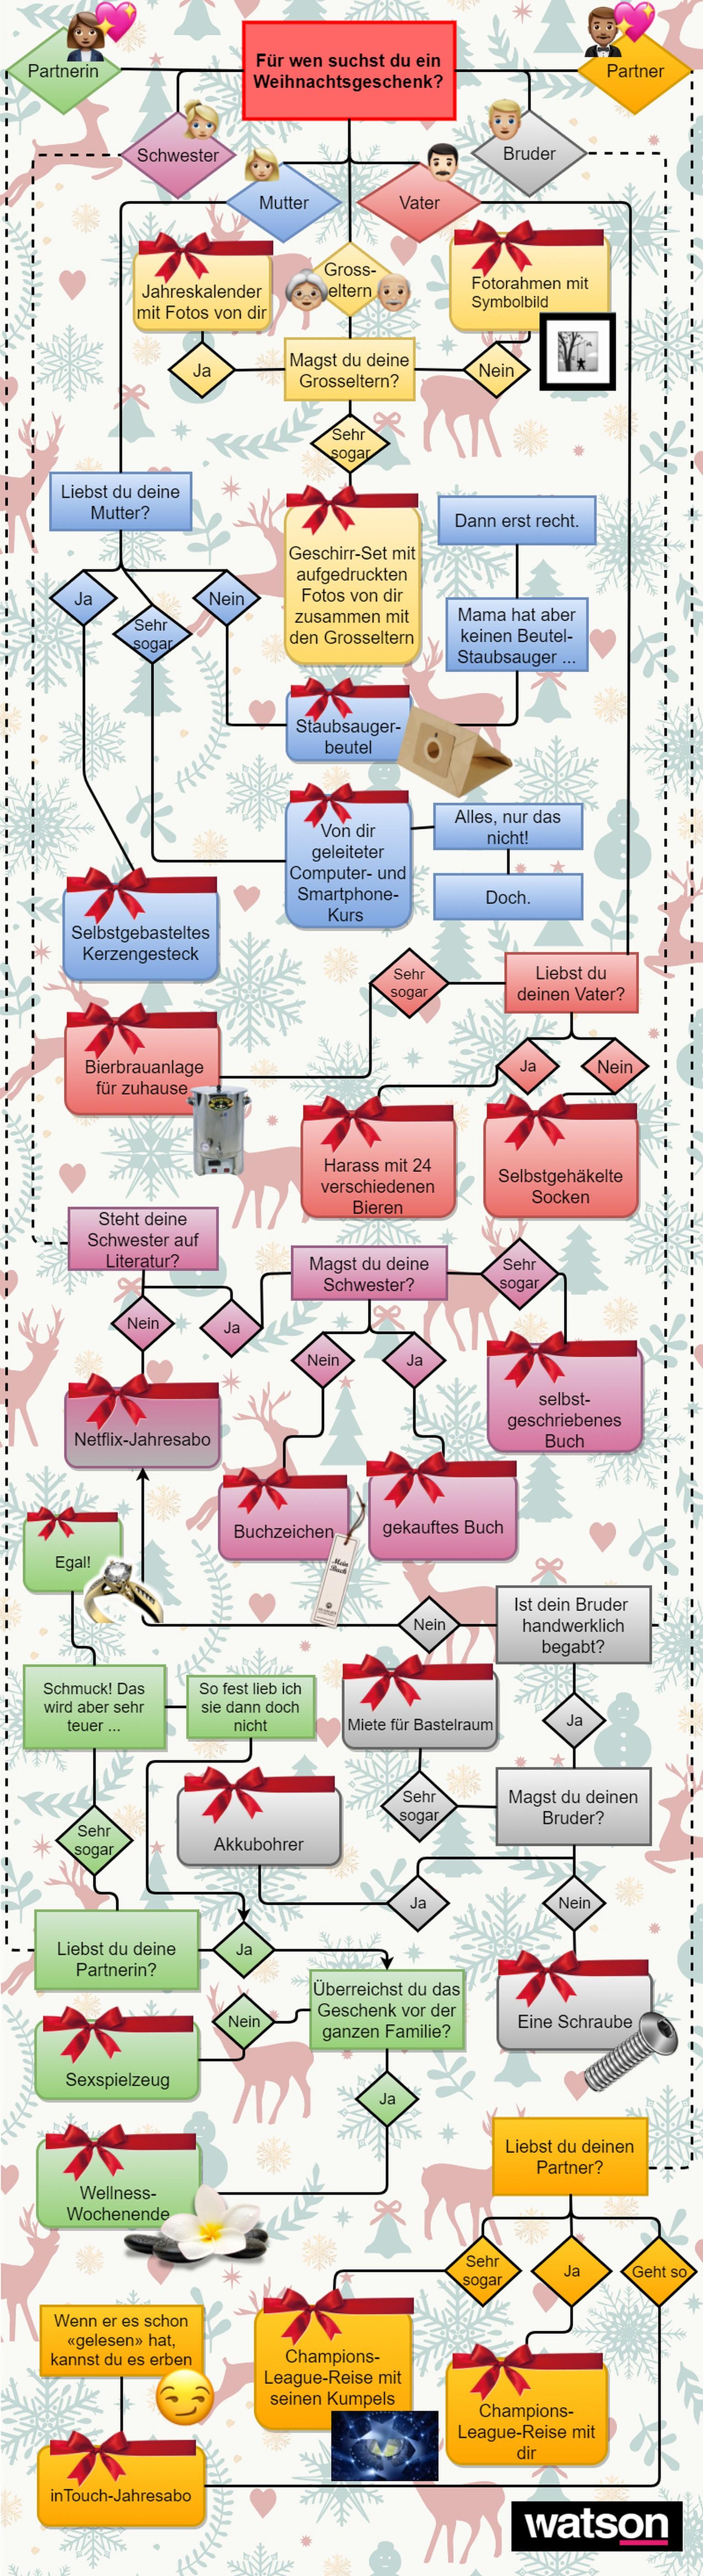 Weihnachtsgeschenke: Das Flussdiagramm hat für jeden eine passende ...